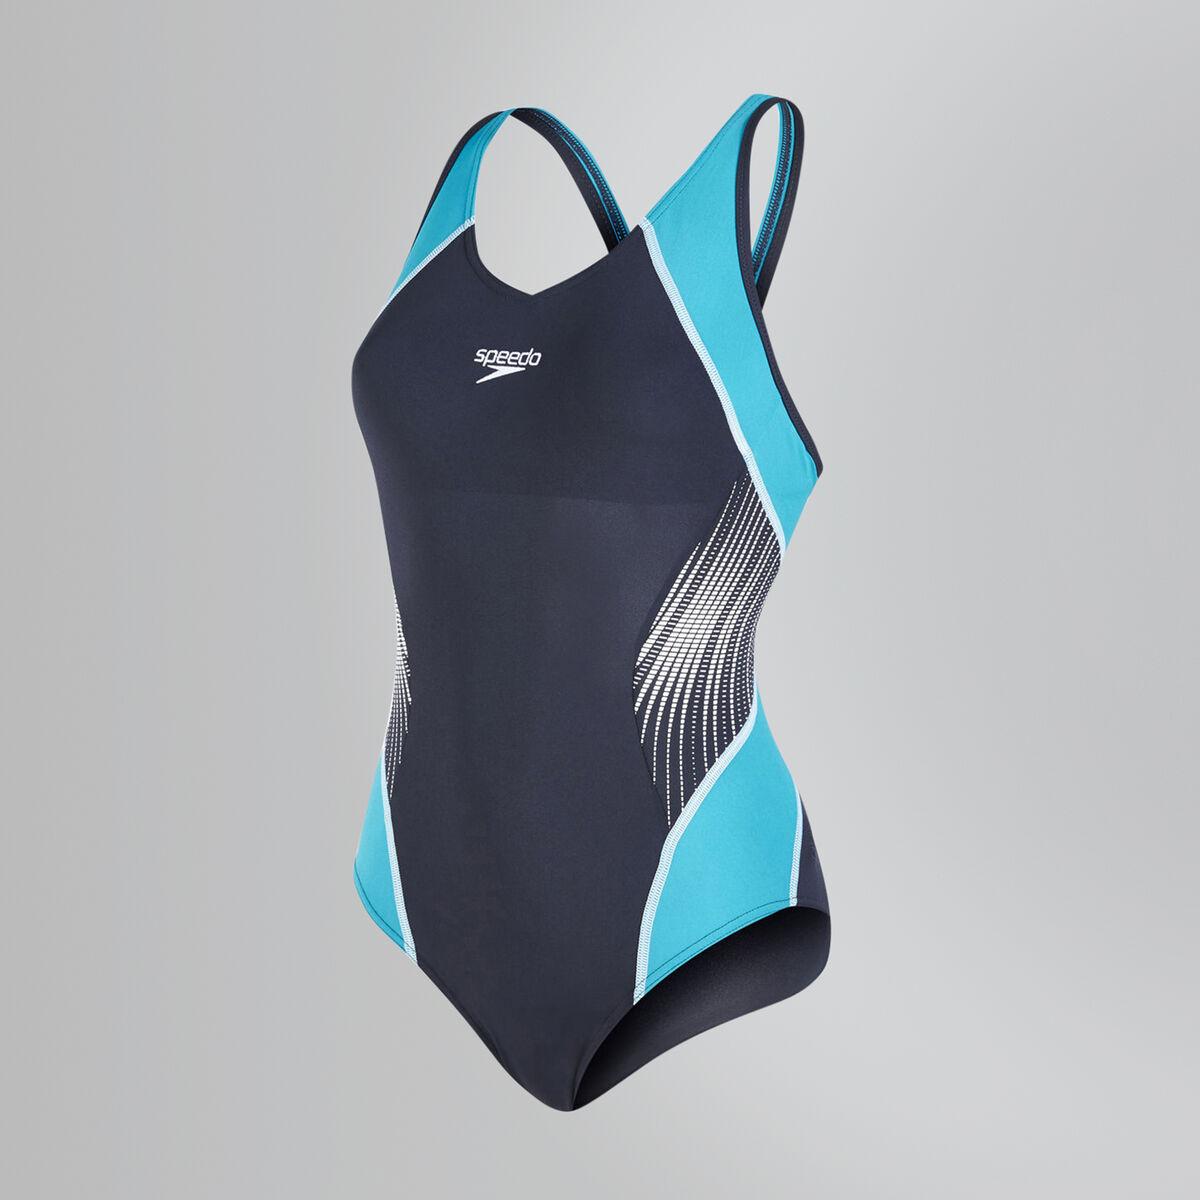 Speedo Fit Muscleback Swimsuit